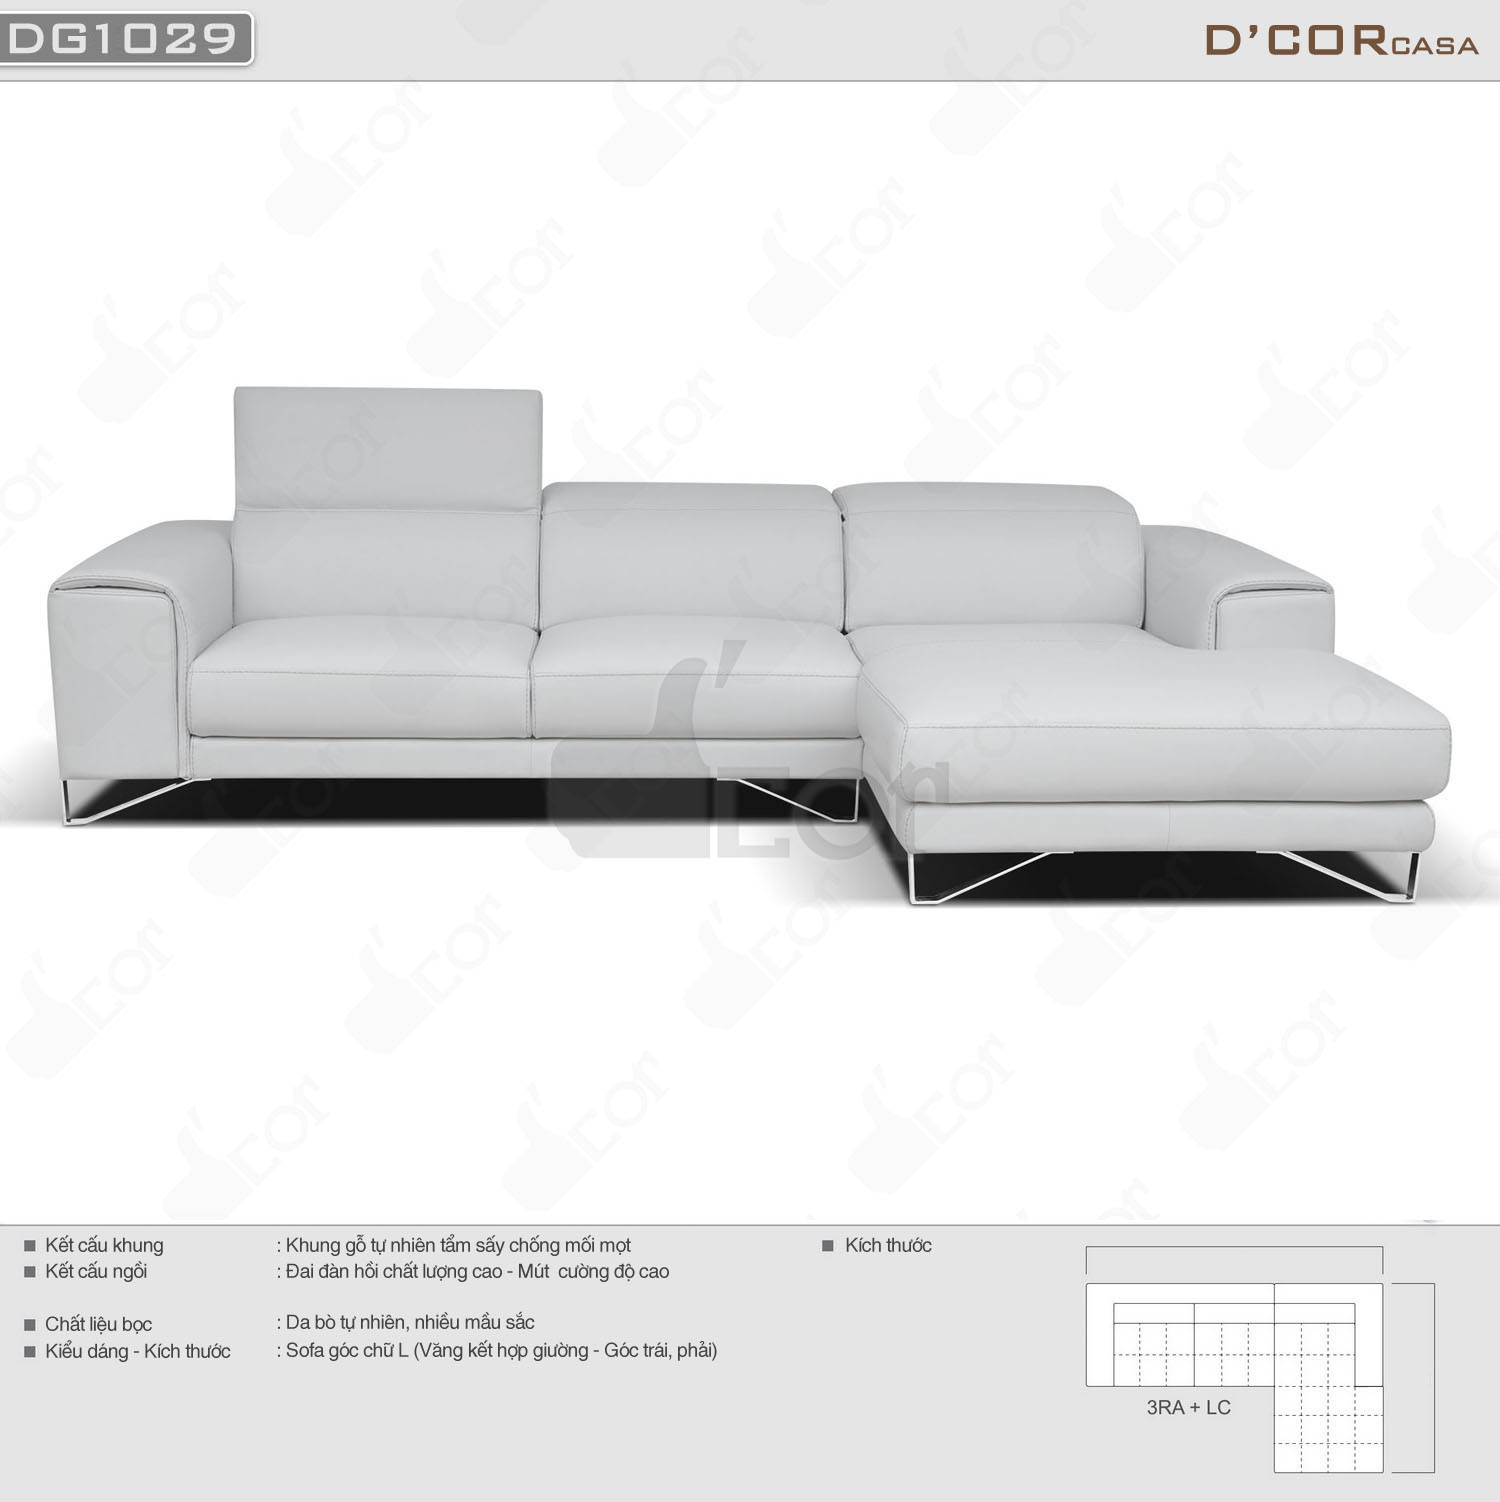 Mẫu sofa góc da nhập khẩu Italia màu trắng thanh lịch